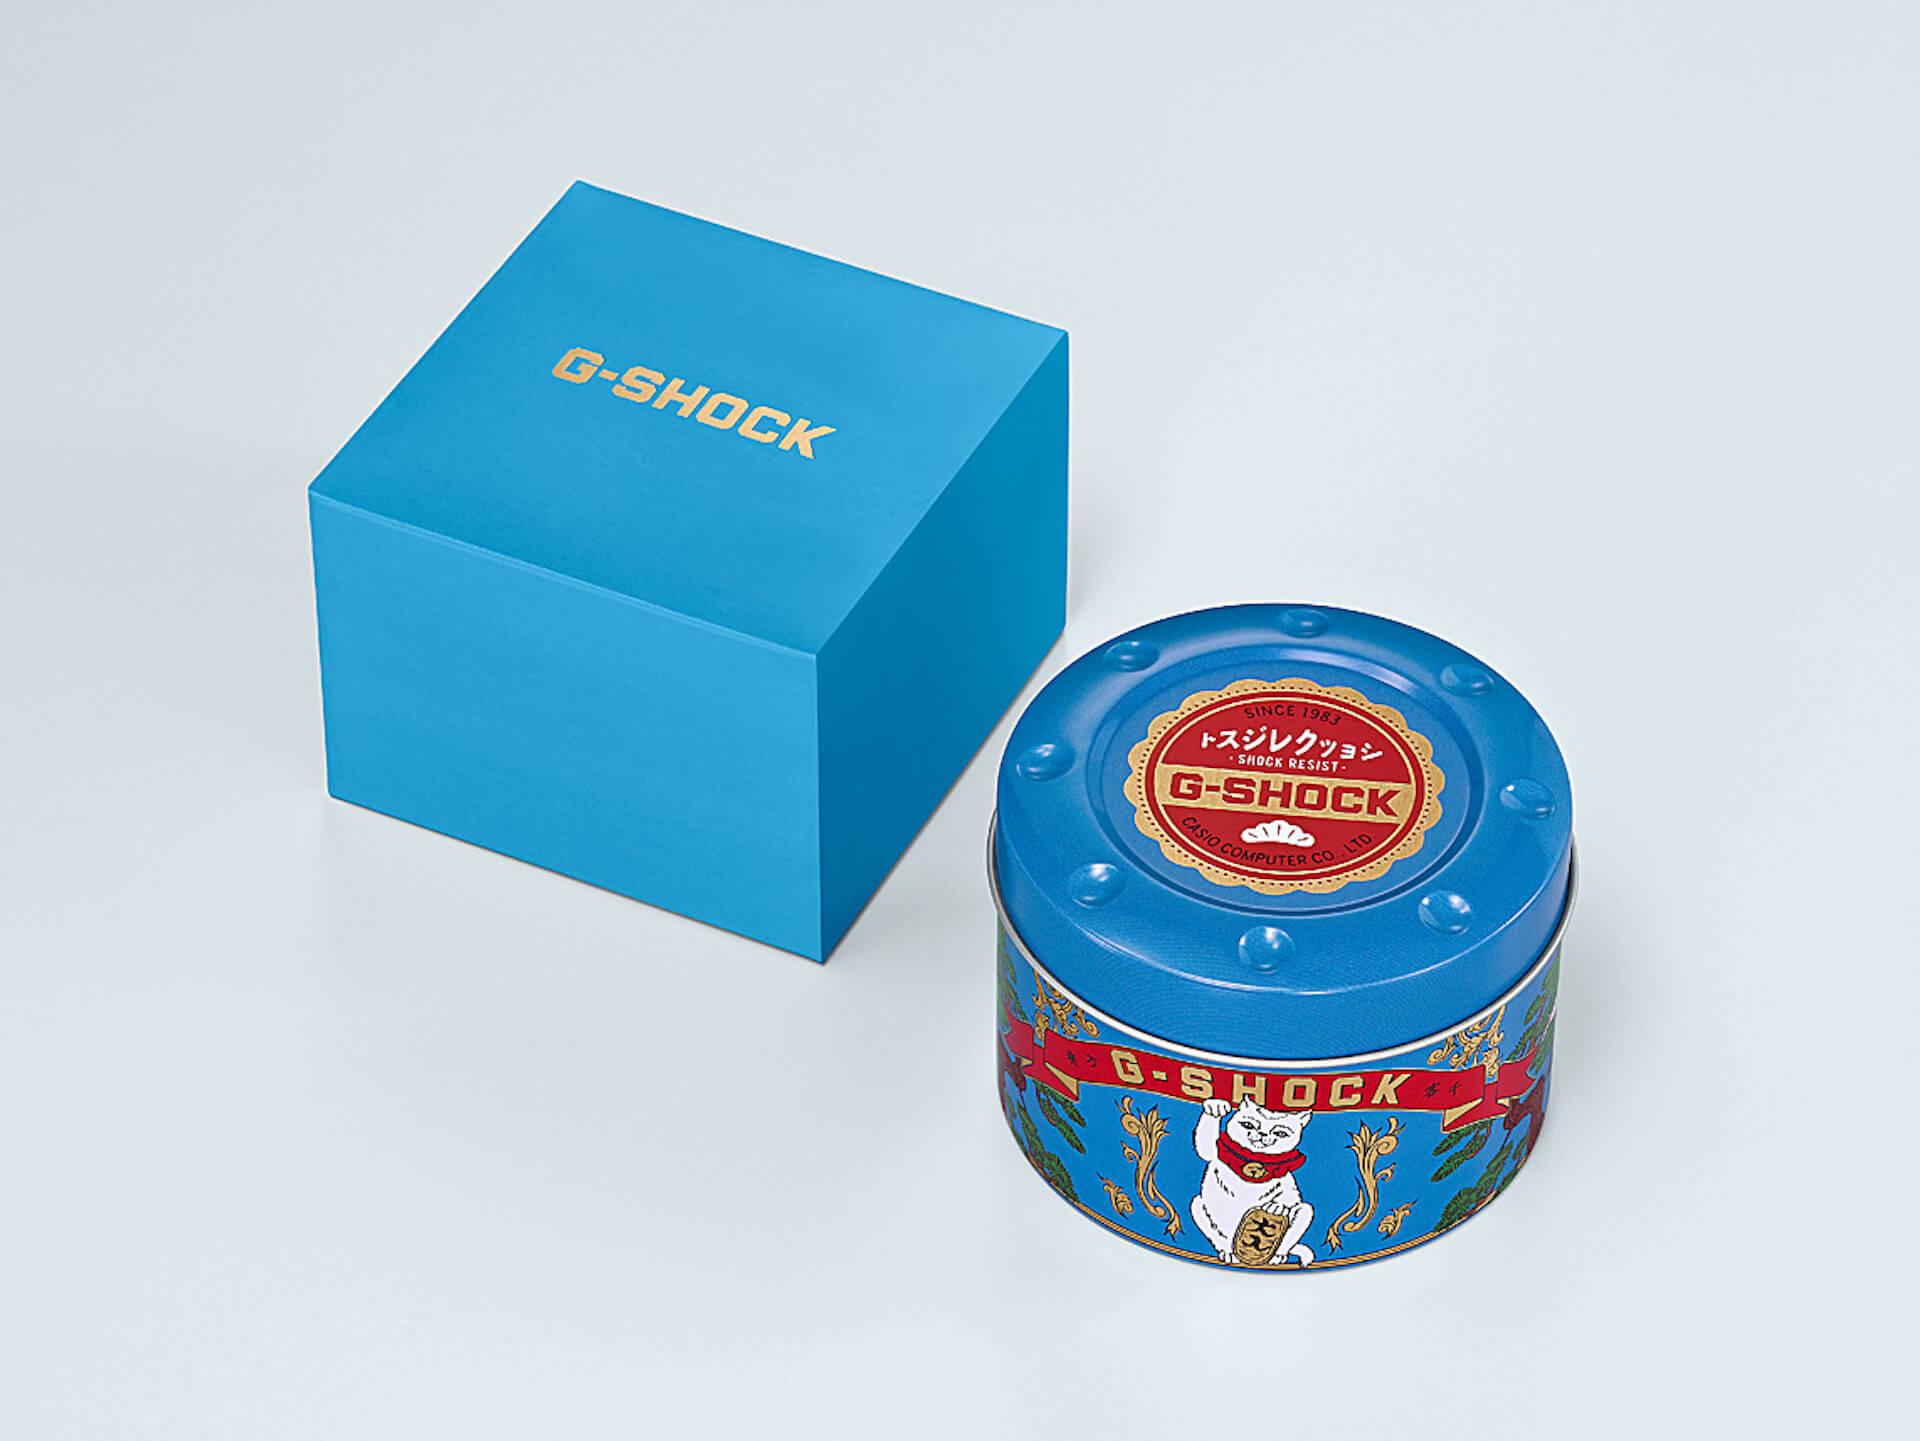 幸福を呼ぶG-SHOCK「MANEKINEKO」が誕生|BlackEyePatchデザインによる招き猫のイラストも life200122_gshock_bep_3